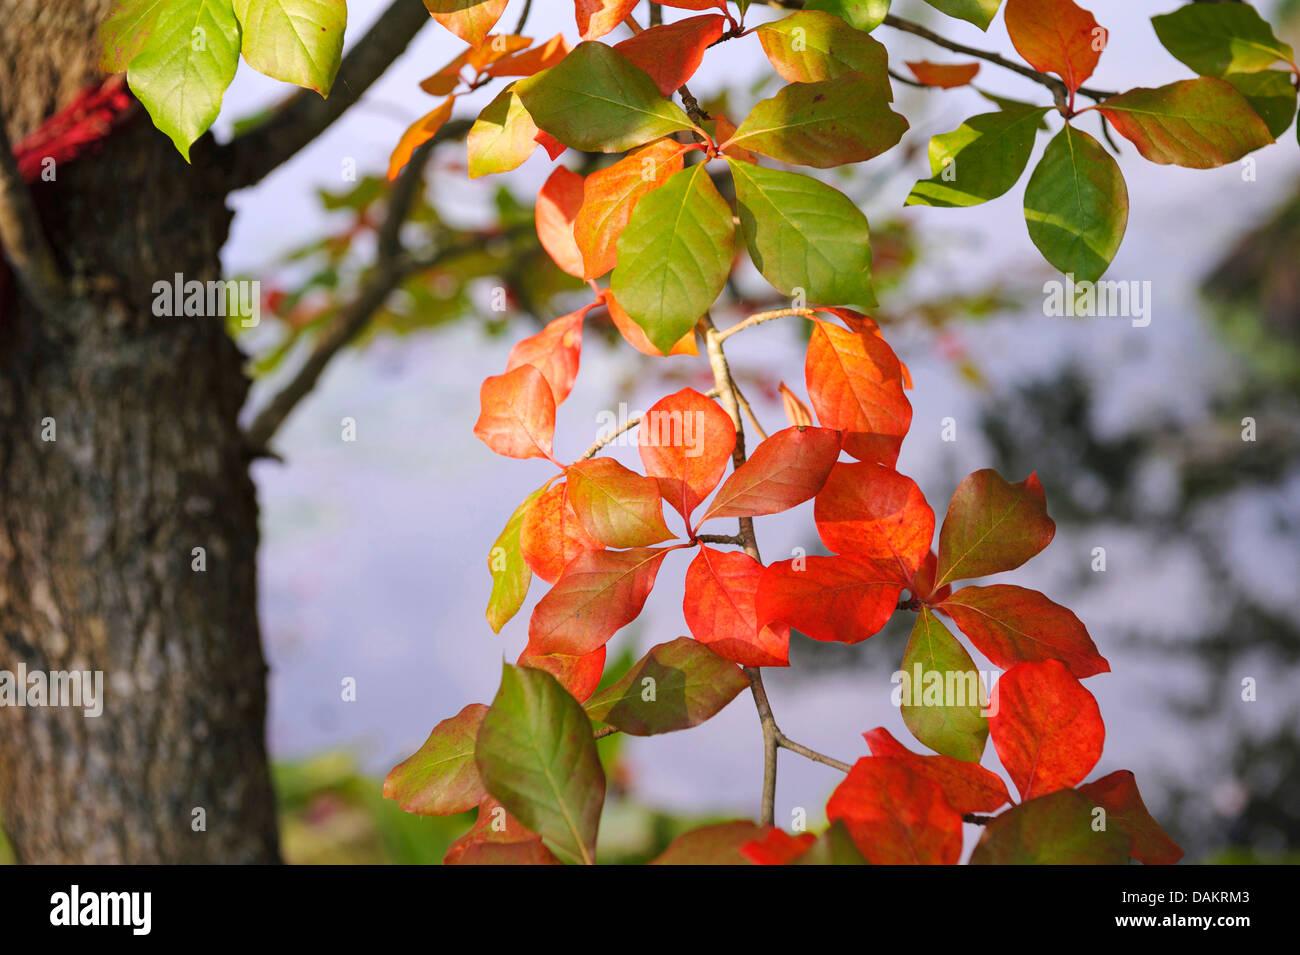 Black gum, Black tupelo, Sour gum (Nyssa sylvatica), autumn leaves - Stock Image